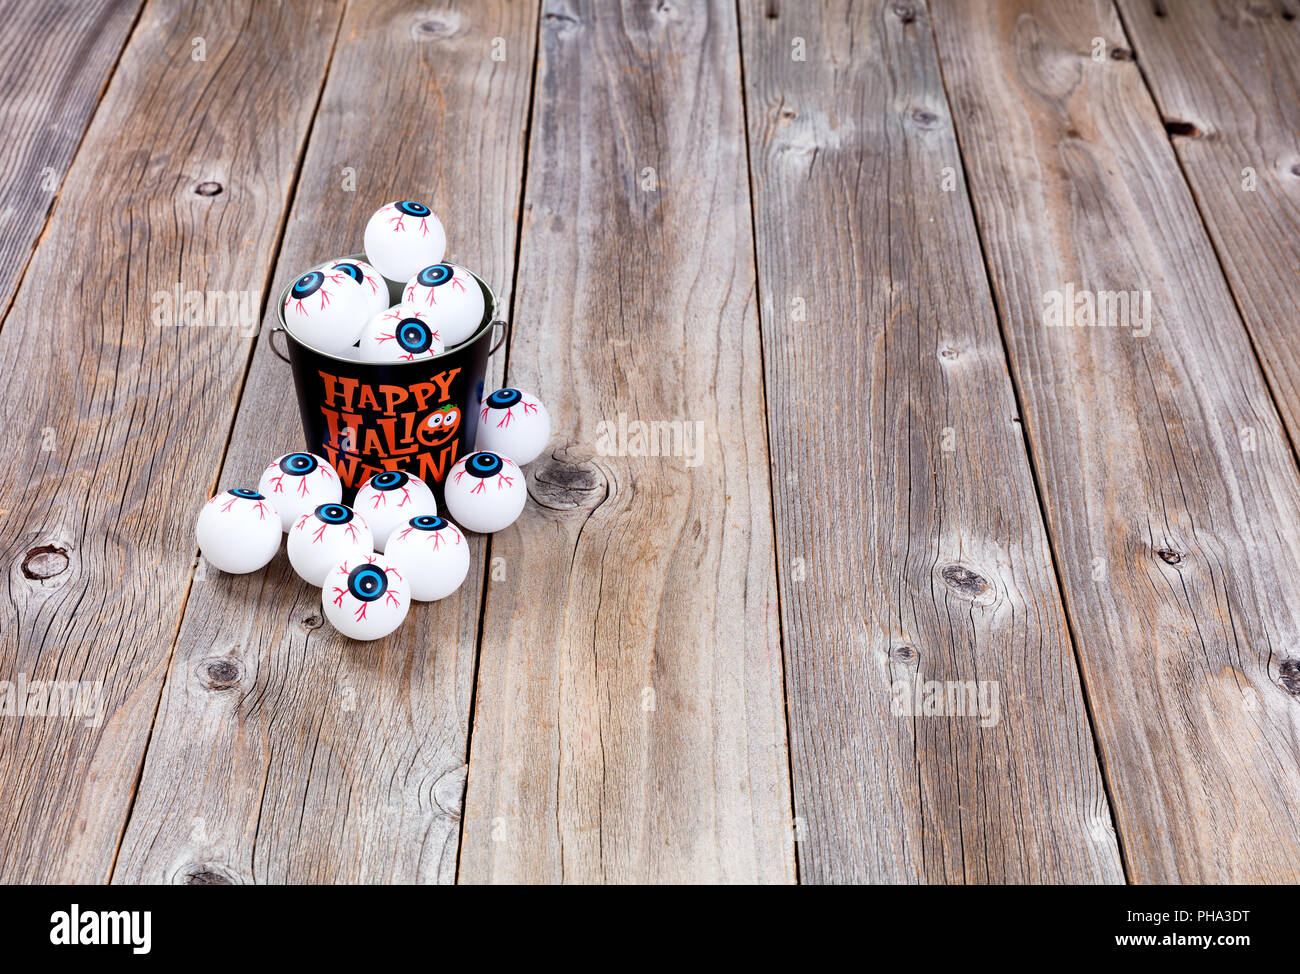 Balde lleno de globos oculares para la temporada de Halloween en madera rústica Imagen De Stock